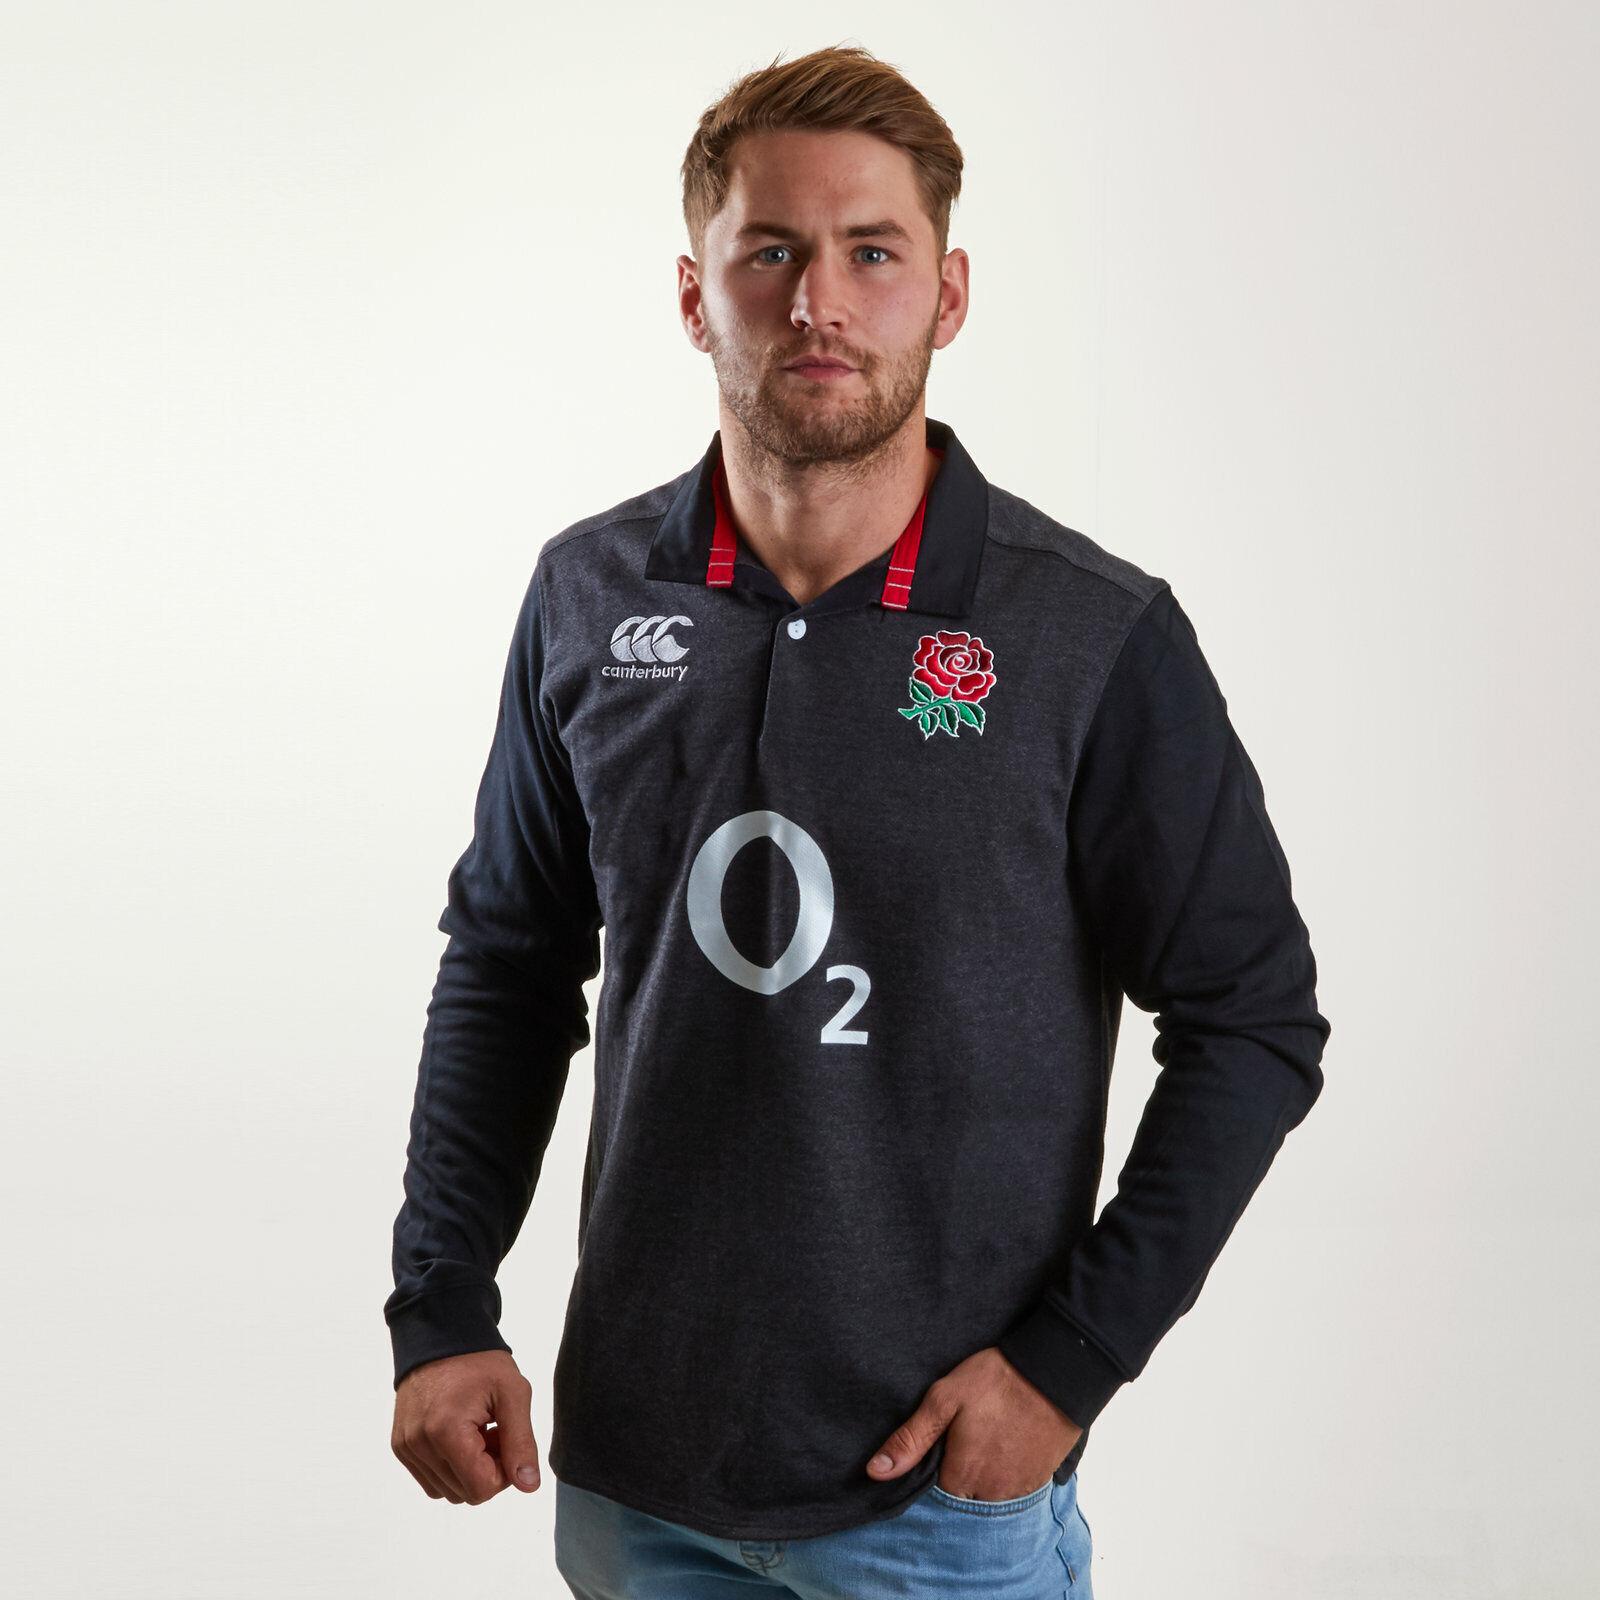 Canterbury Uomo Inghilterra 2018 19 alternativo Classica Camicia a Maniche Lunghe Rugby Nero